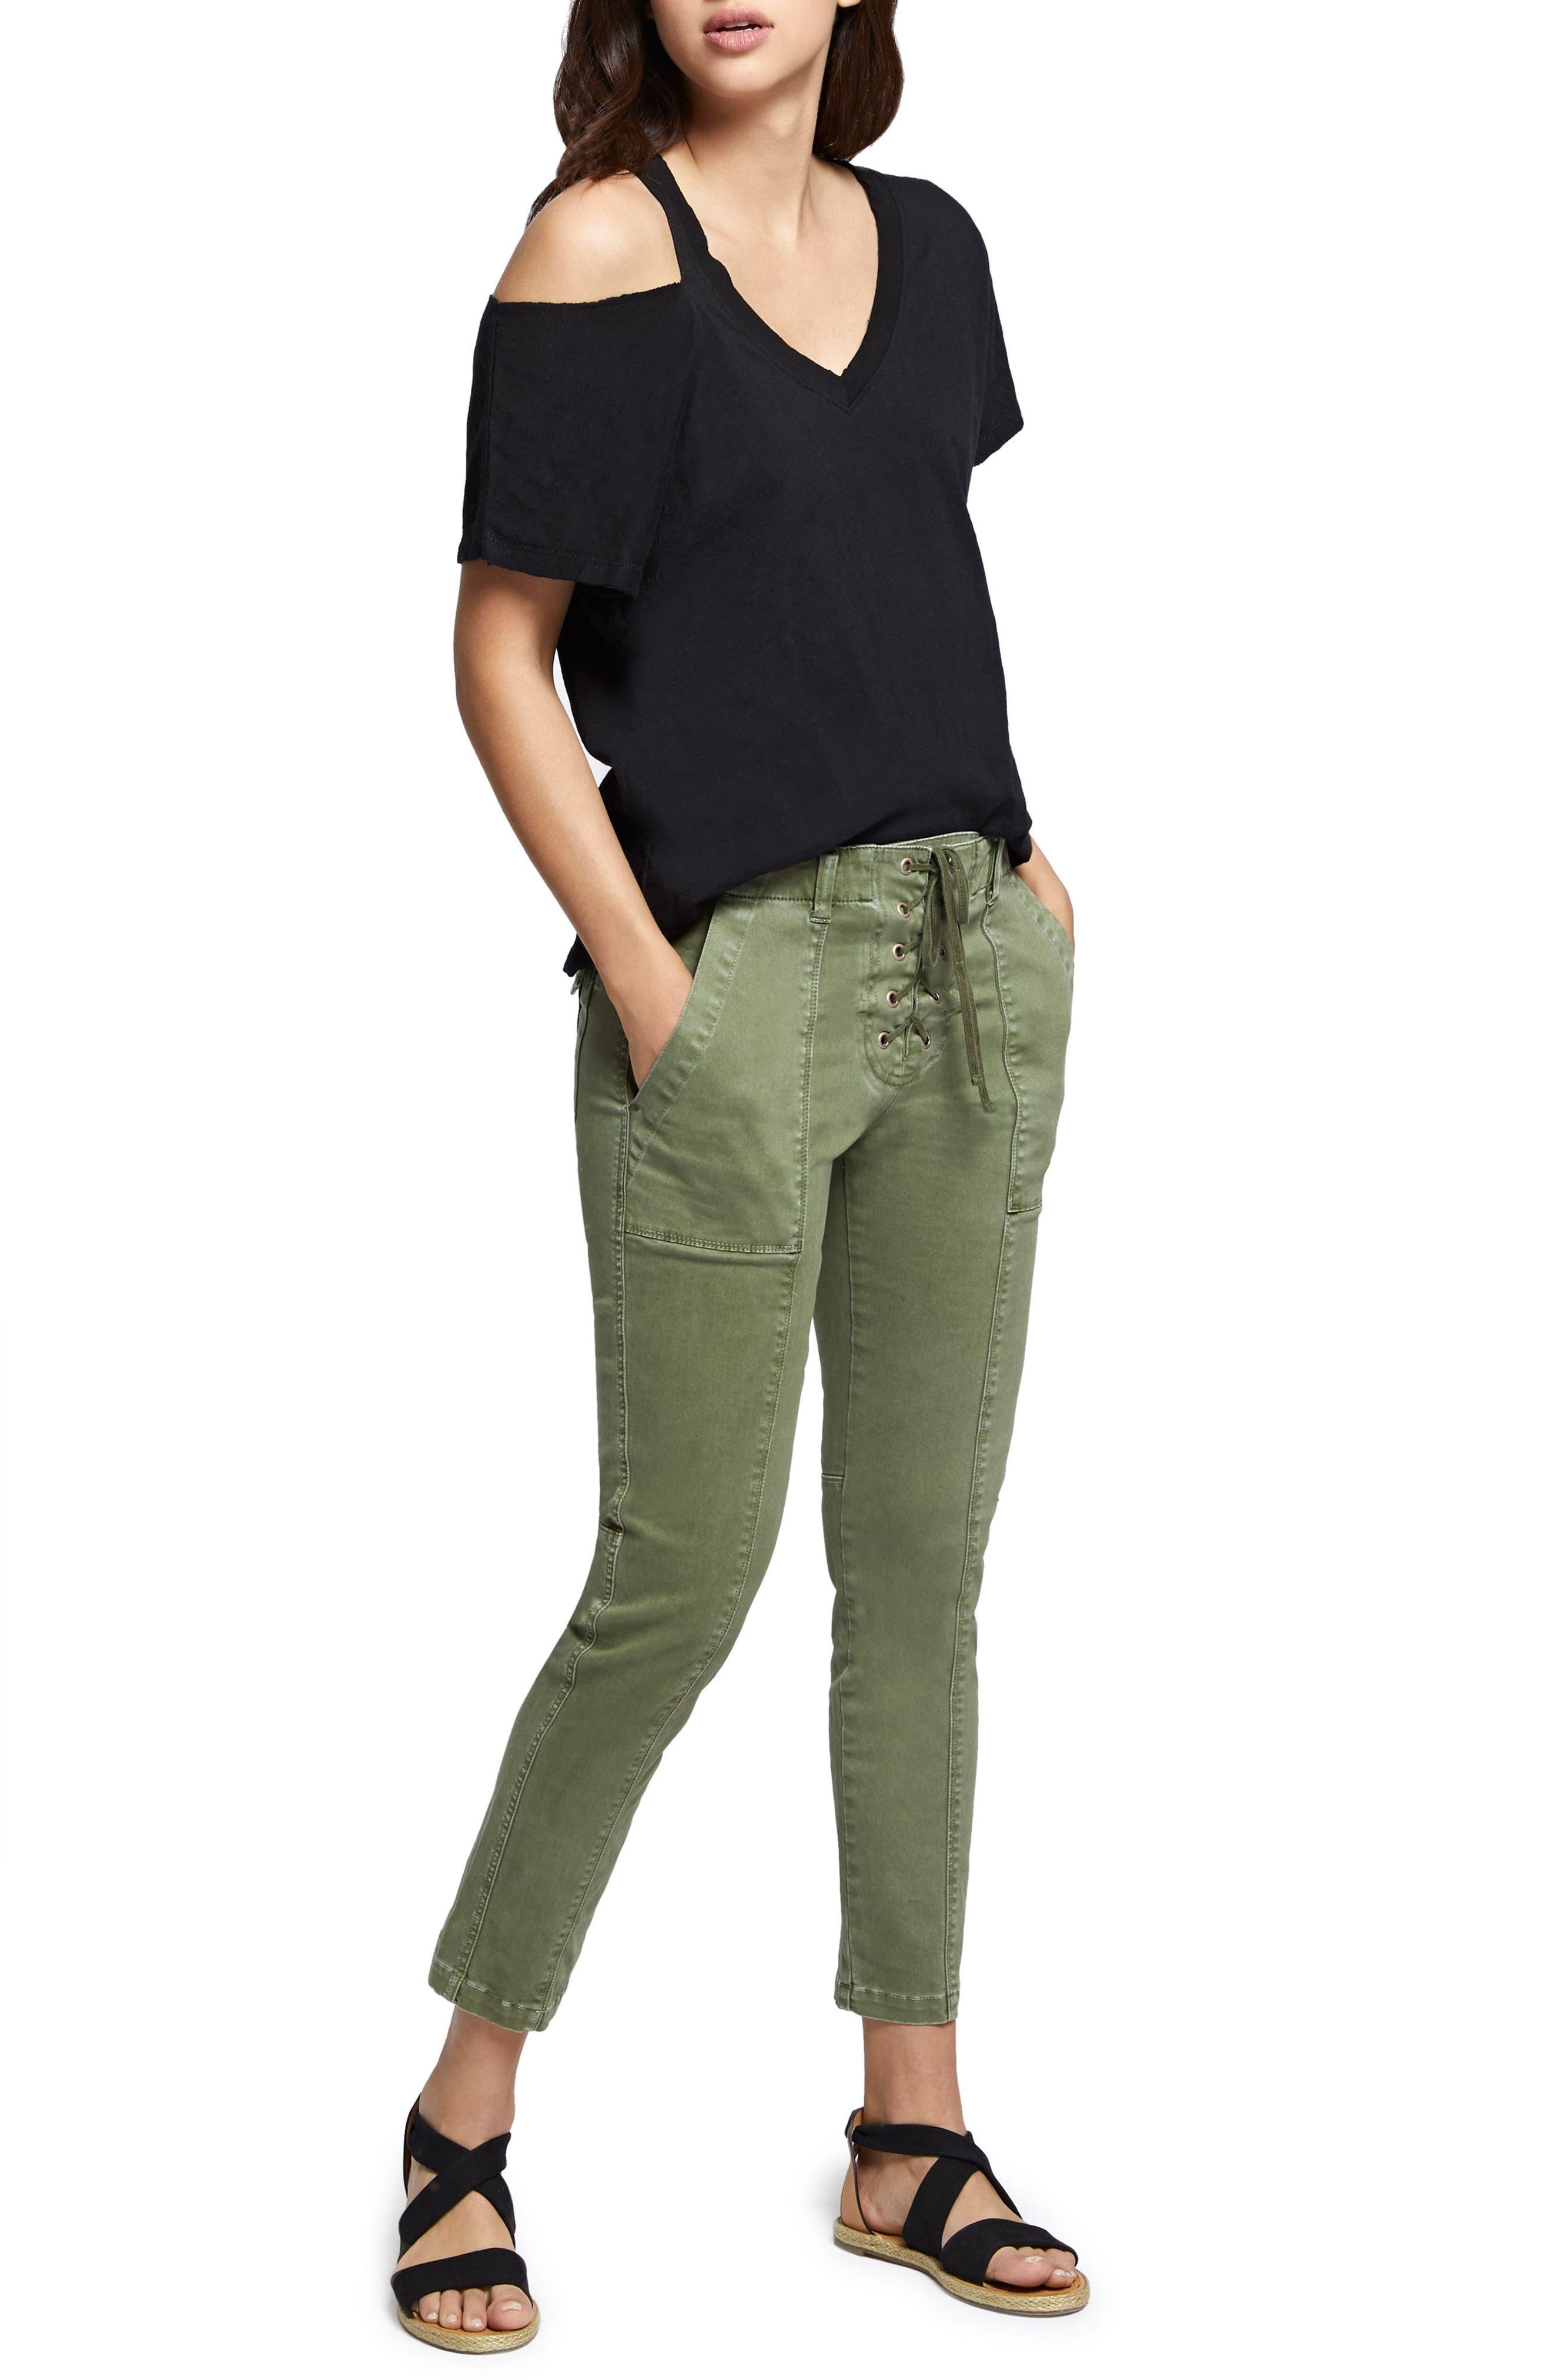 Peace Lace-Up Pants,                             Alternate thumbnail 4, color,                             Cadet